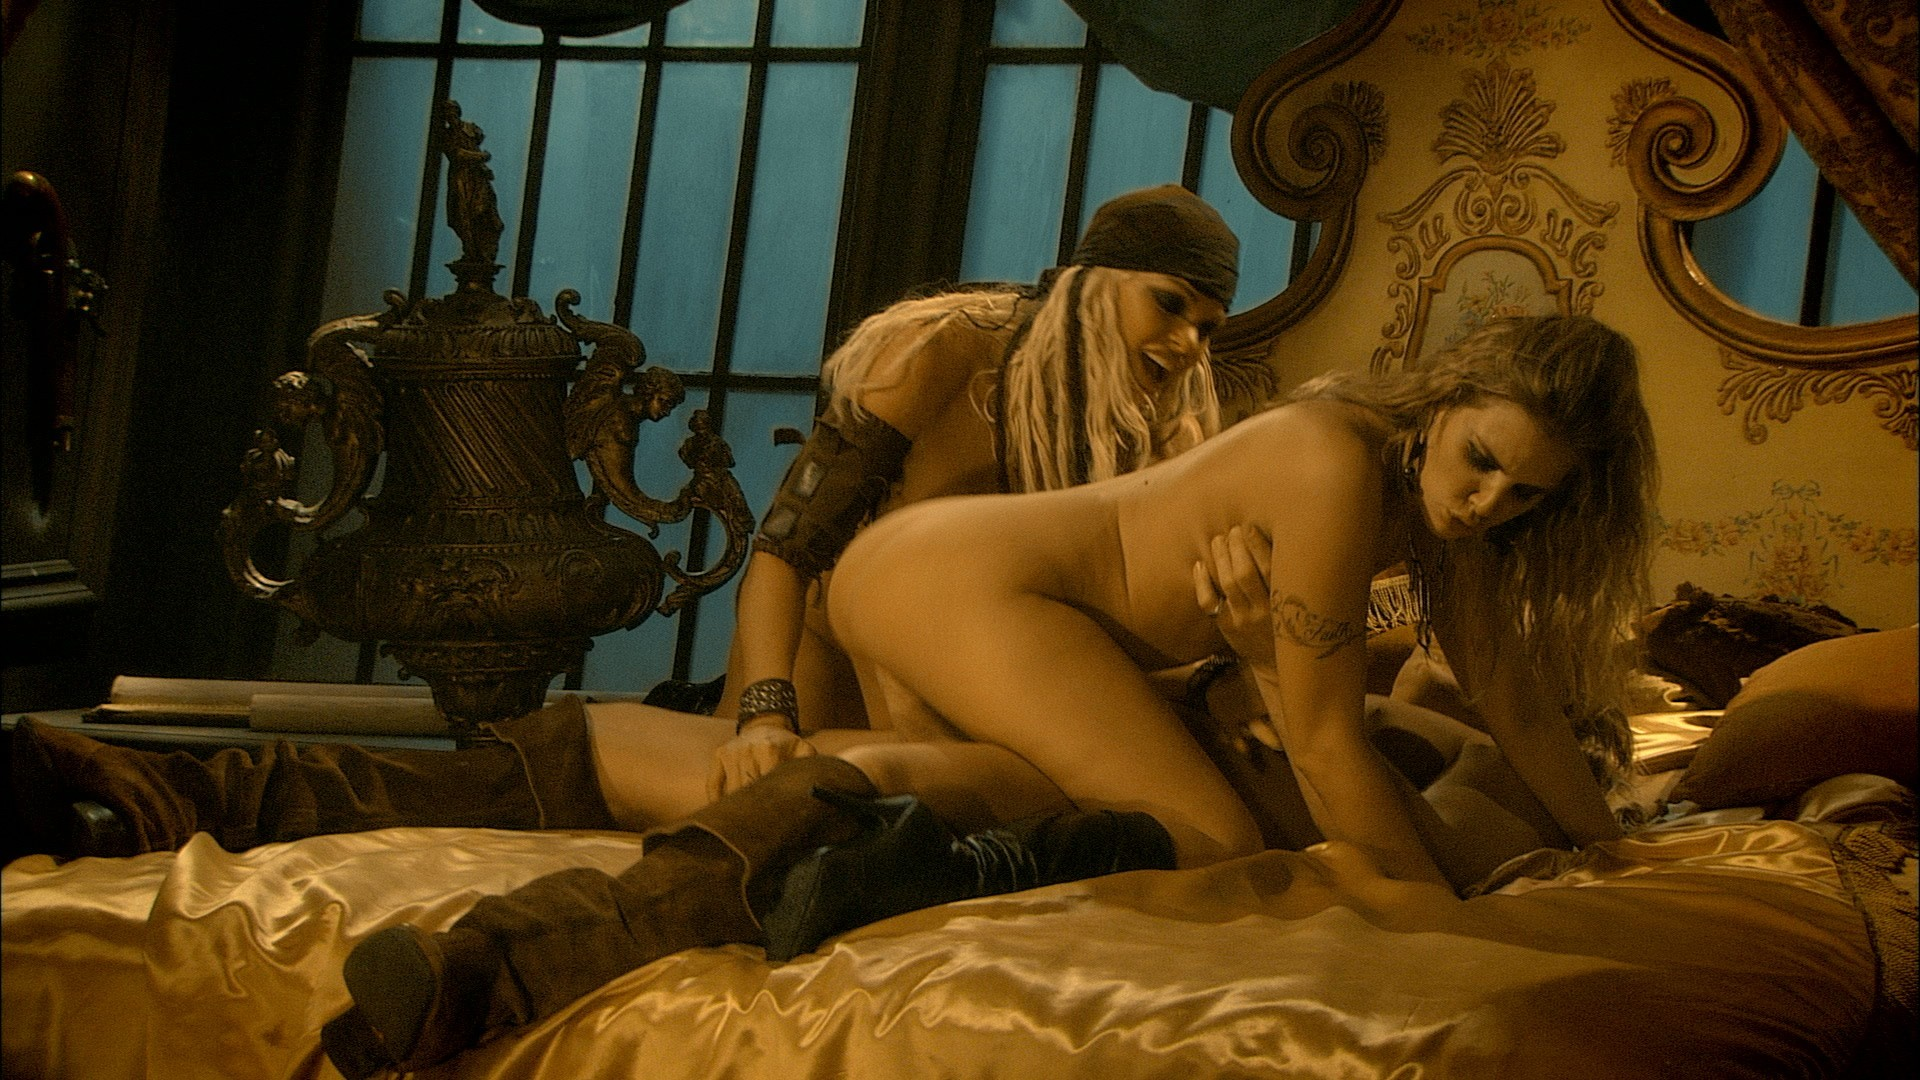 Porn actress. pirates fakes pics